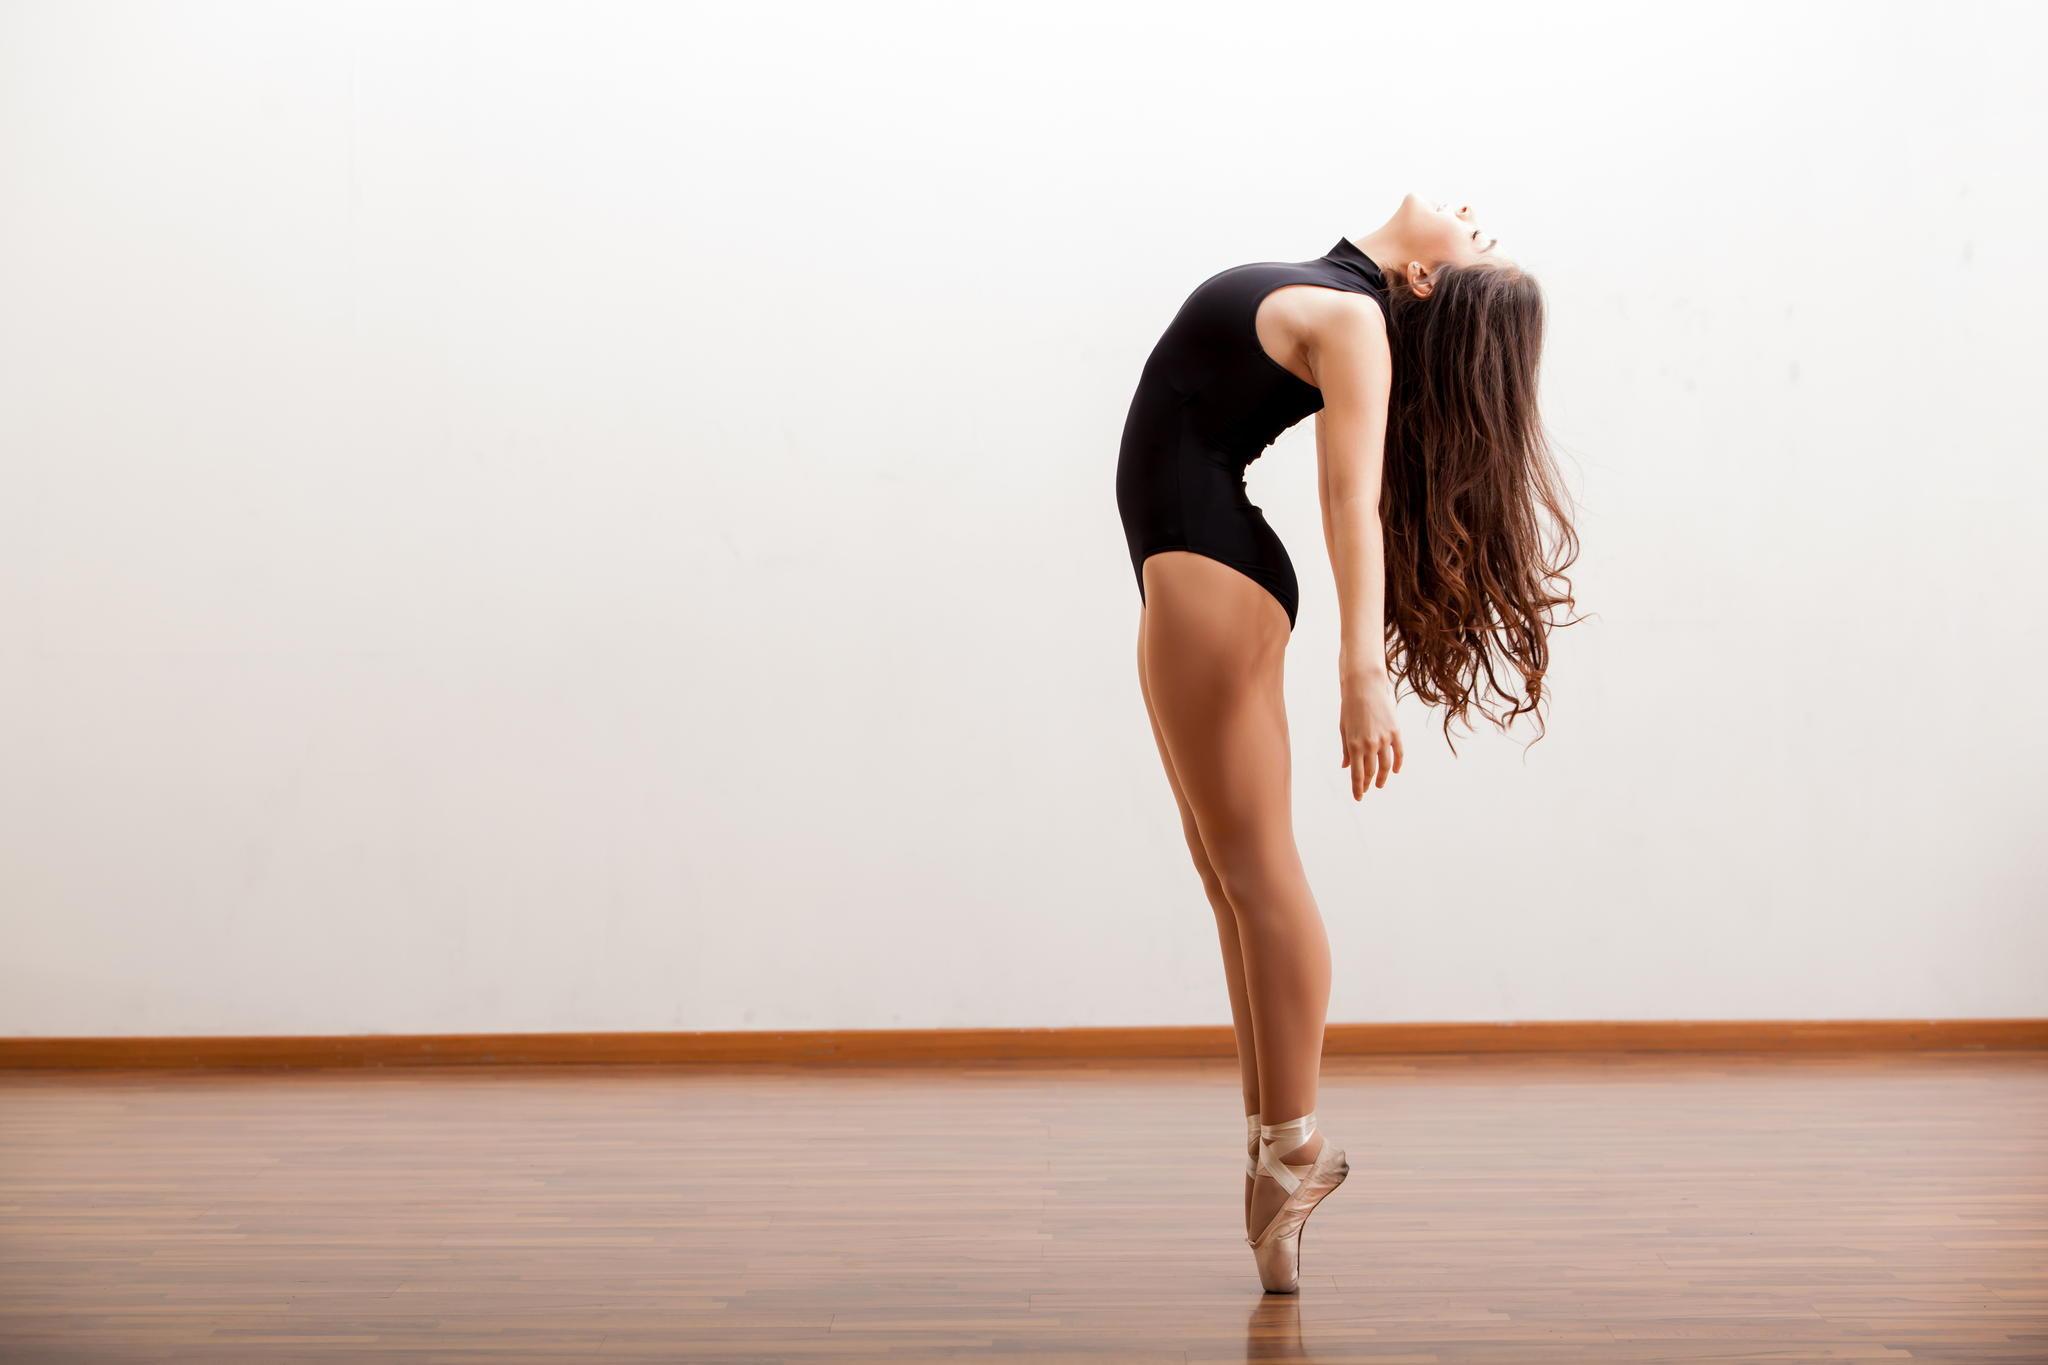 Танец красивой девушки  № 350523 бесплатно